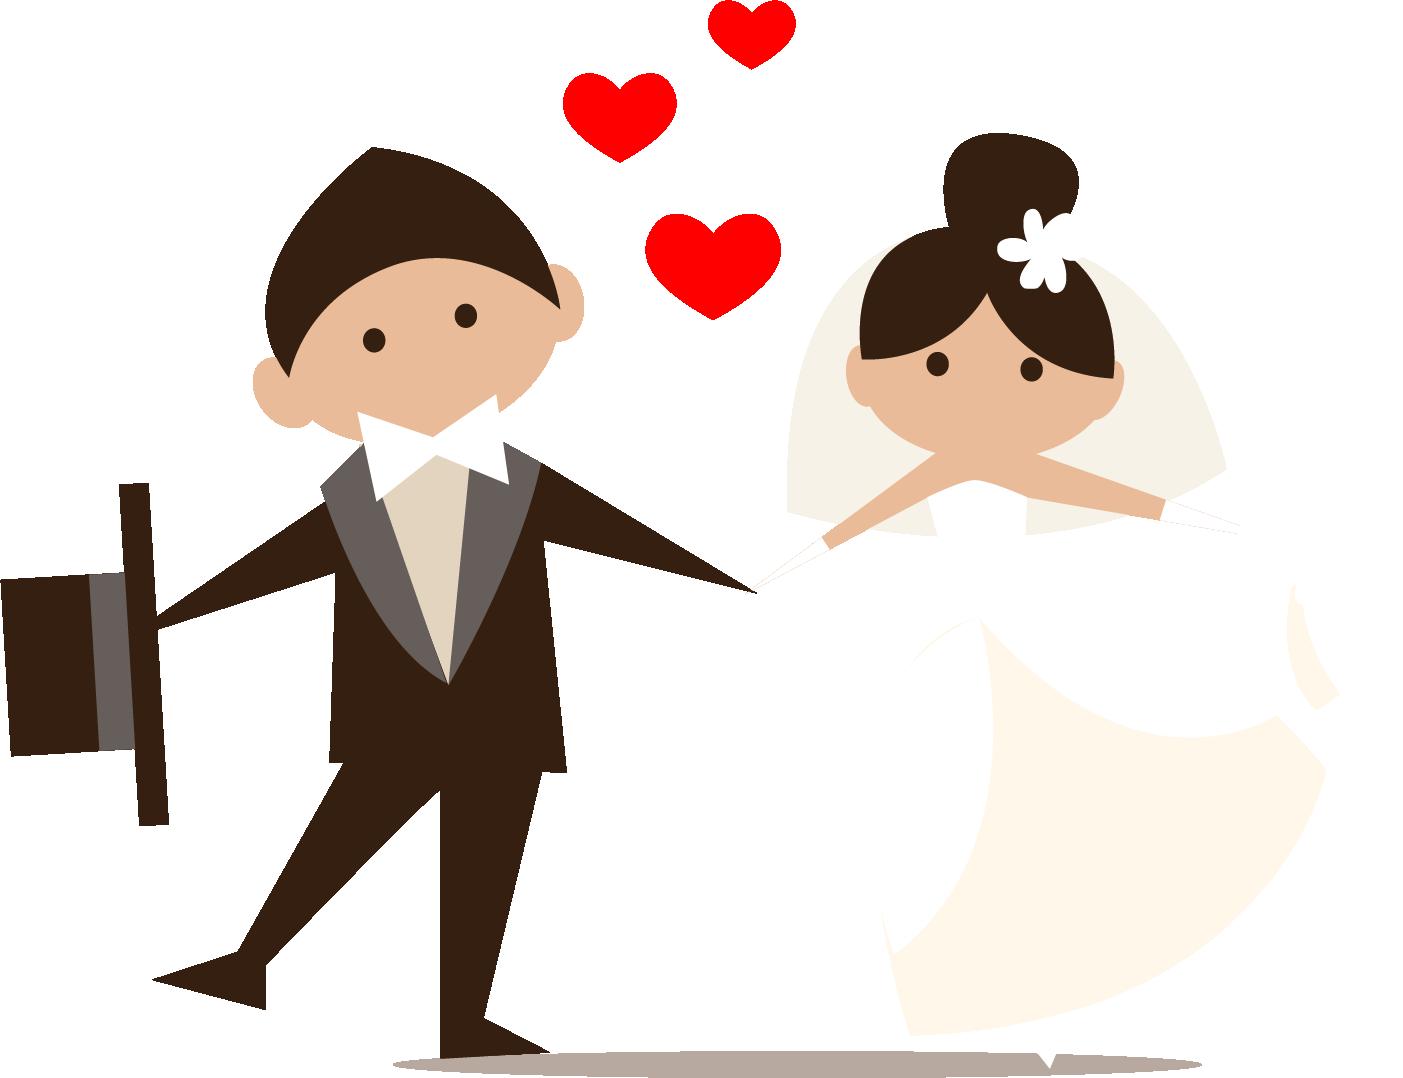 svg transparent download Clip art frames illustrations. Wedding clipart